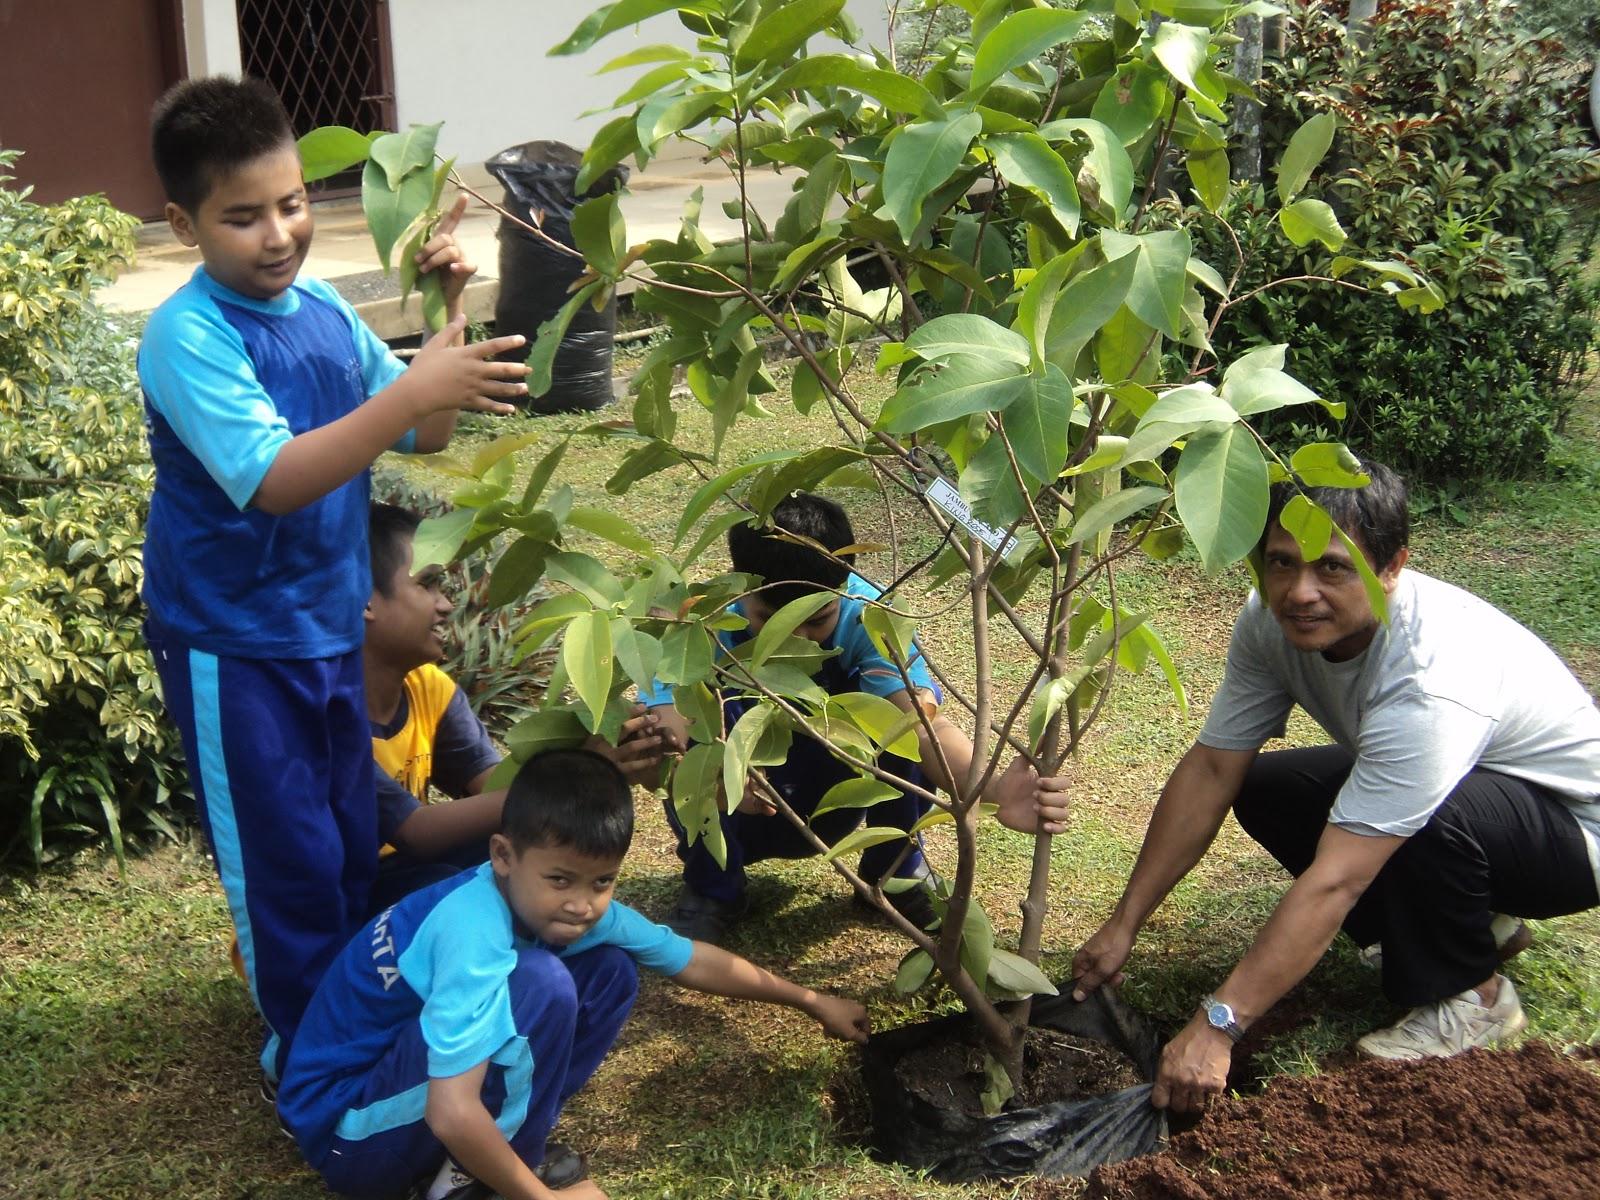 Orientasi Mobilitas Untuk Tunanetra Strategi Pembelajaran Bagi Anak Berkebutuhan Khusus Siswa Slb Pembina Menanam Pohon Trimurjoko